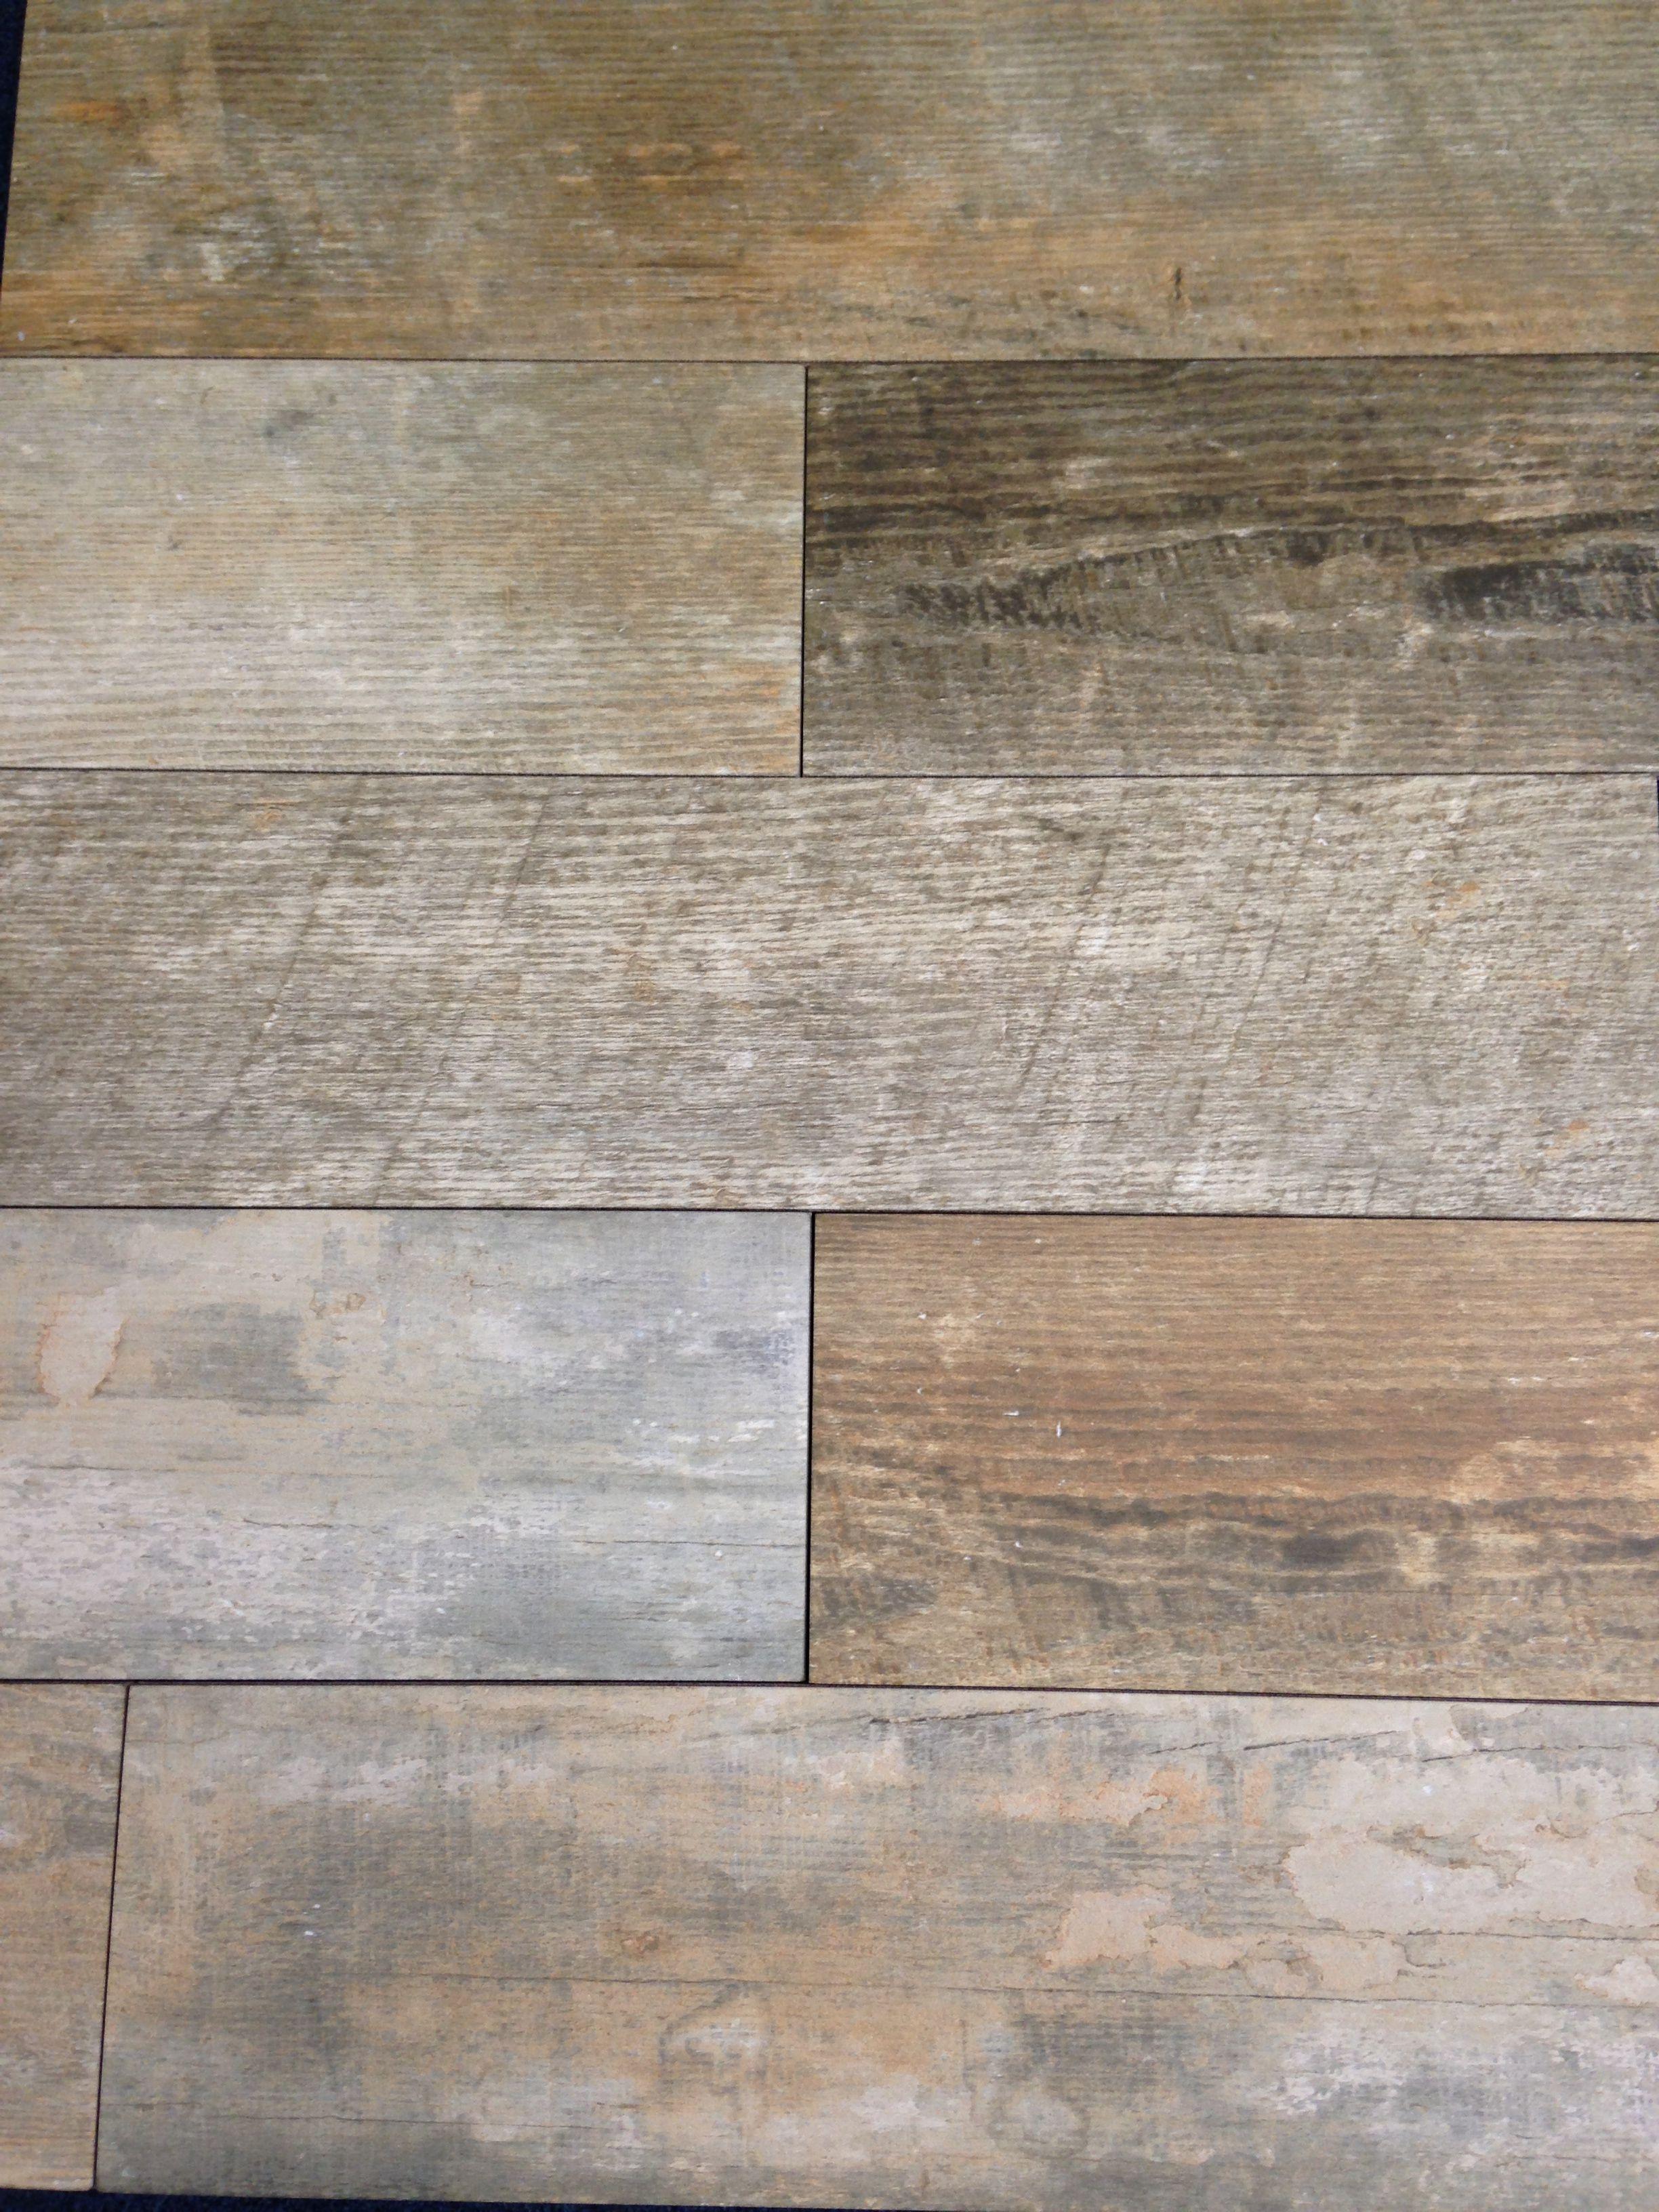 kierkels tegels en vloeren sloophout tegel sloophout tegel